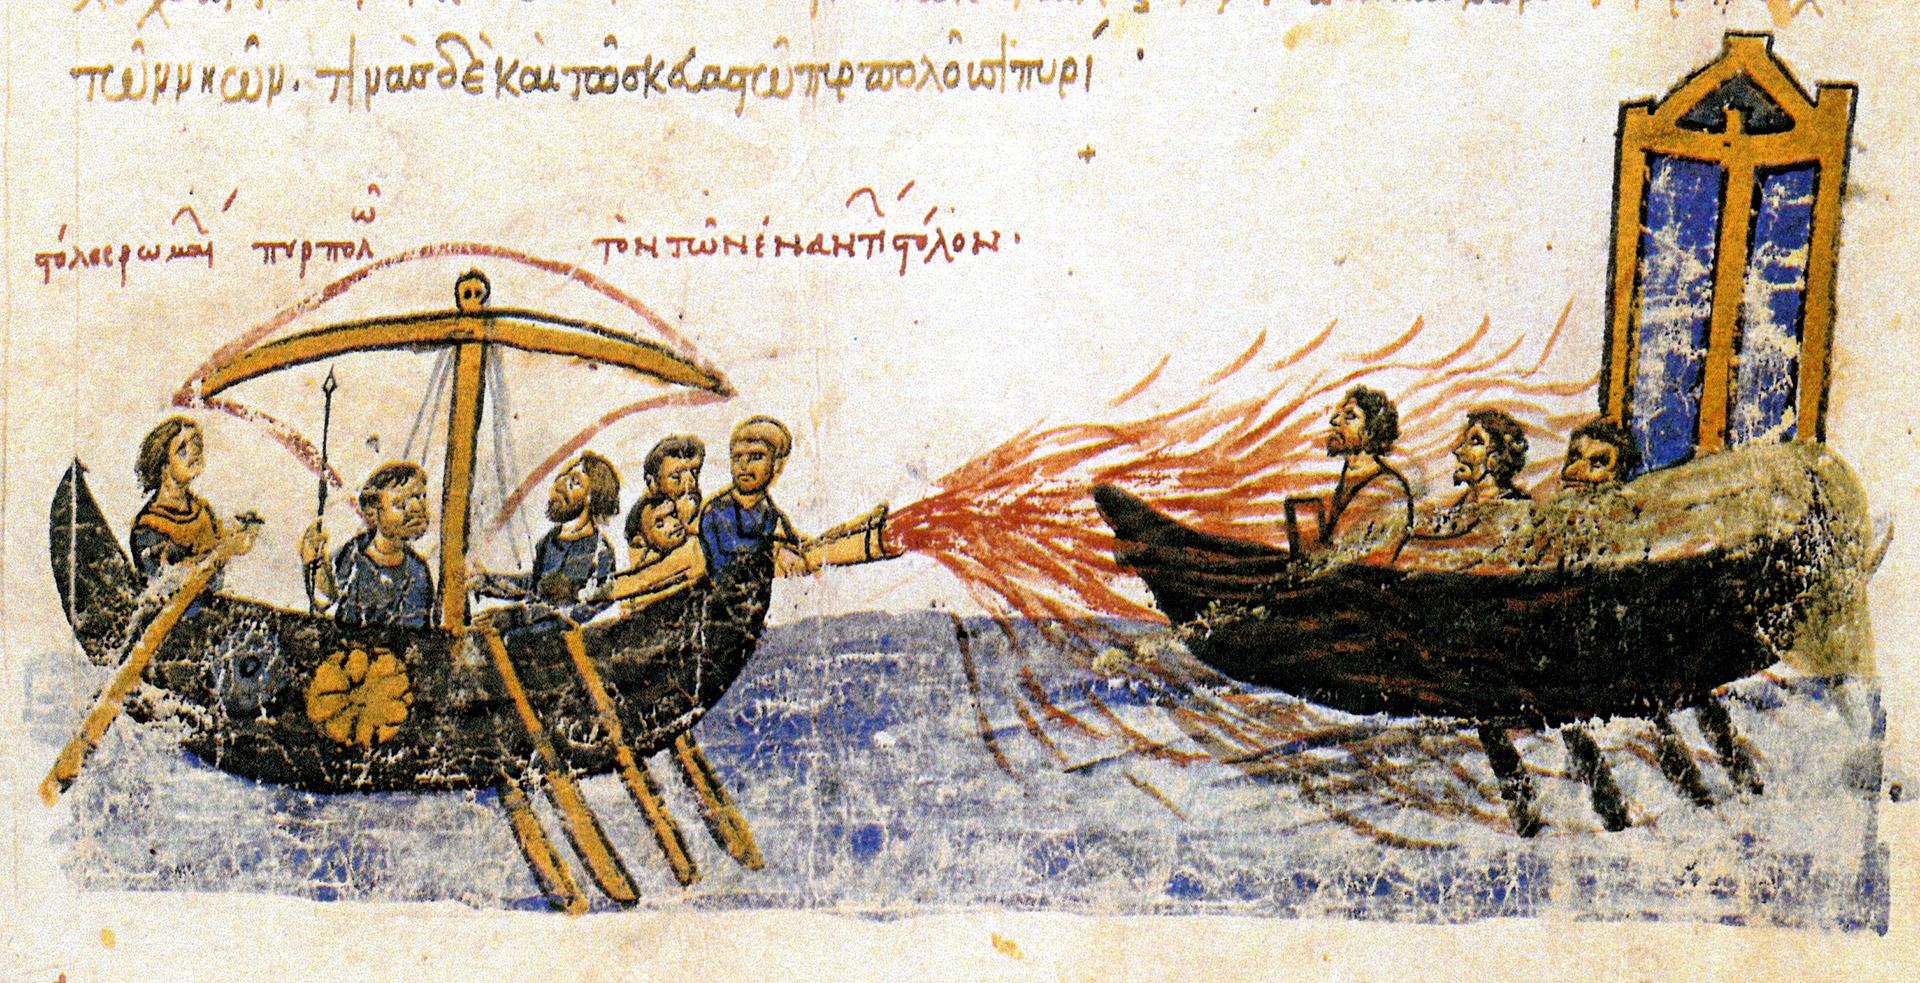 Ačkoliv recept na Řecký oheň je nejspíš navždy ztracen, dochovala se alespoň iluminace zachycující jeho použití.